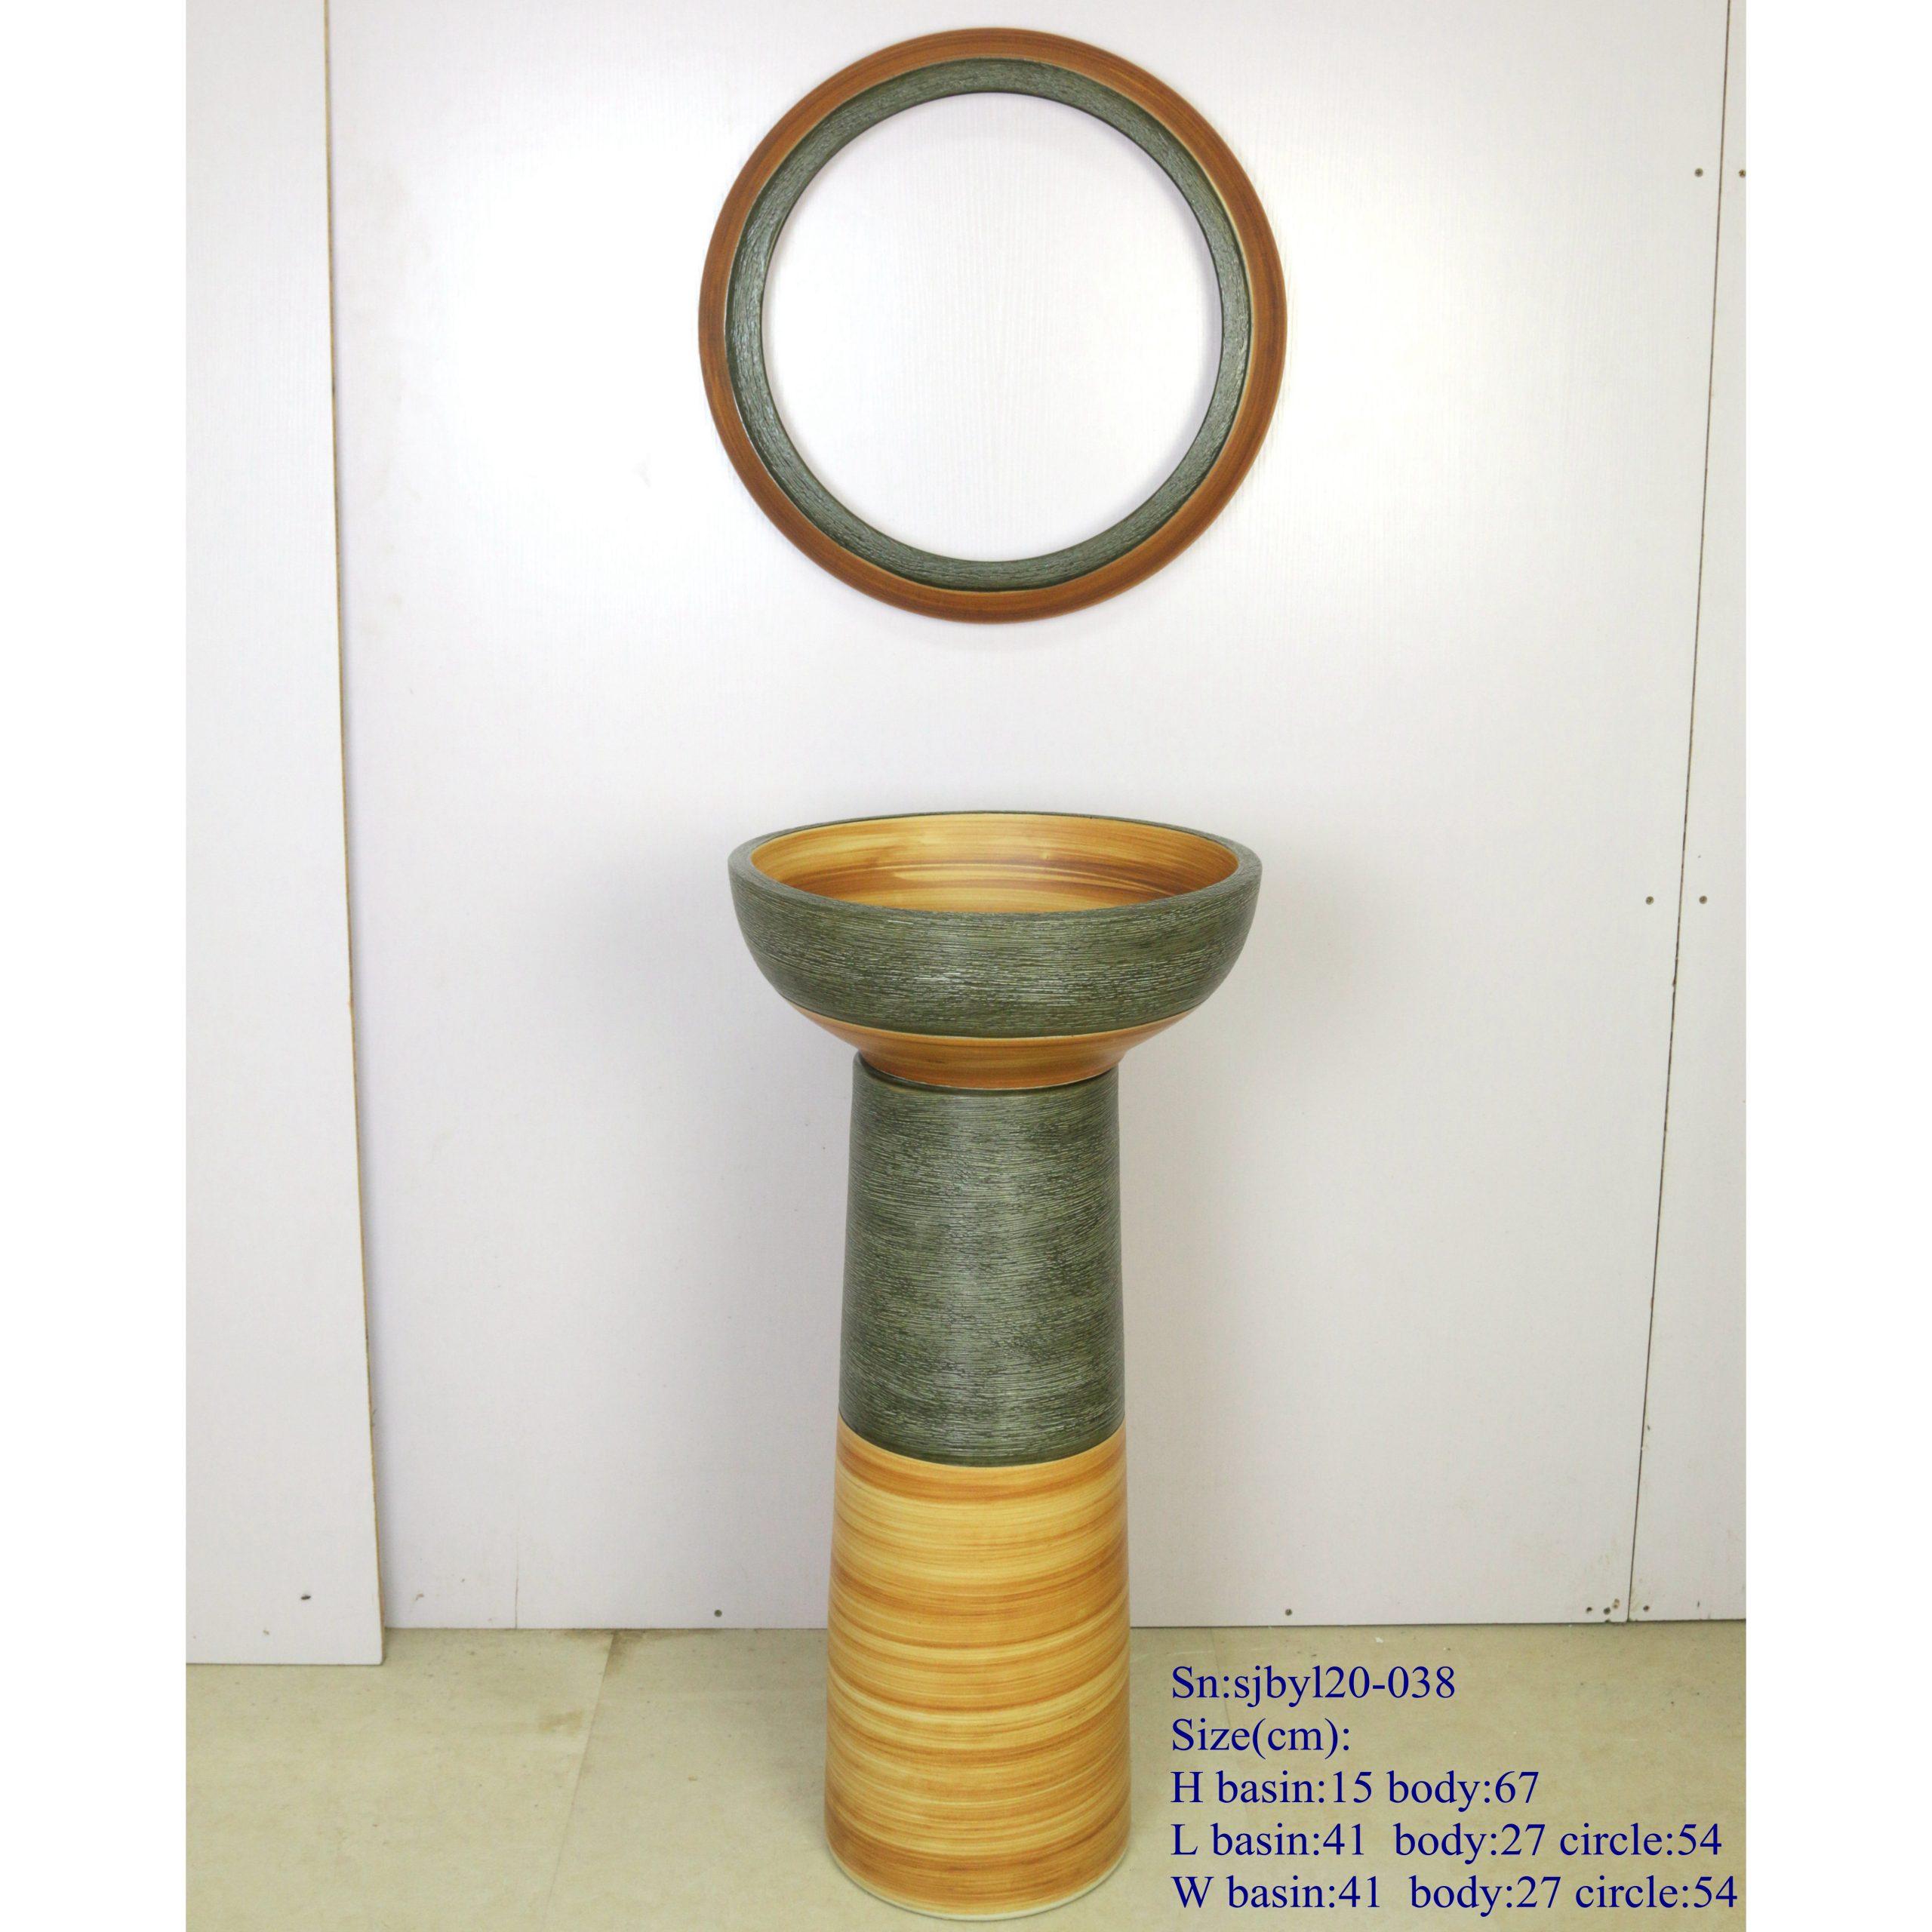 sjbyl120-038 Restaurant Nesting basin Paleosensitic lithographic fine line porcelain pedestal sink